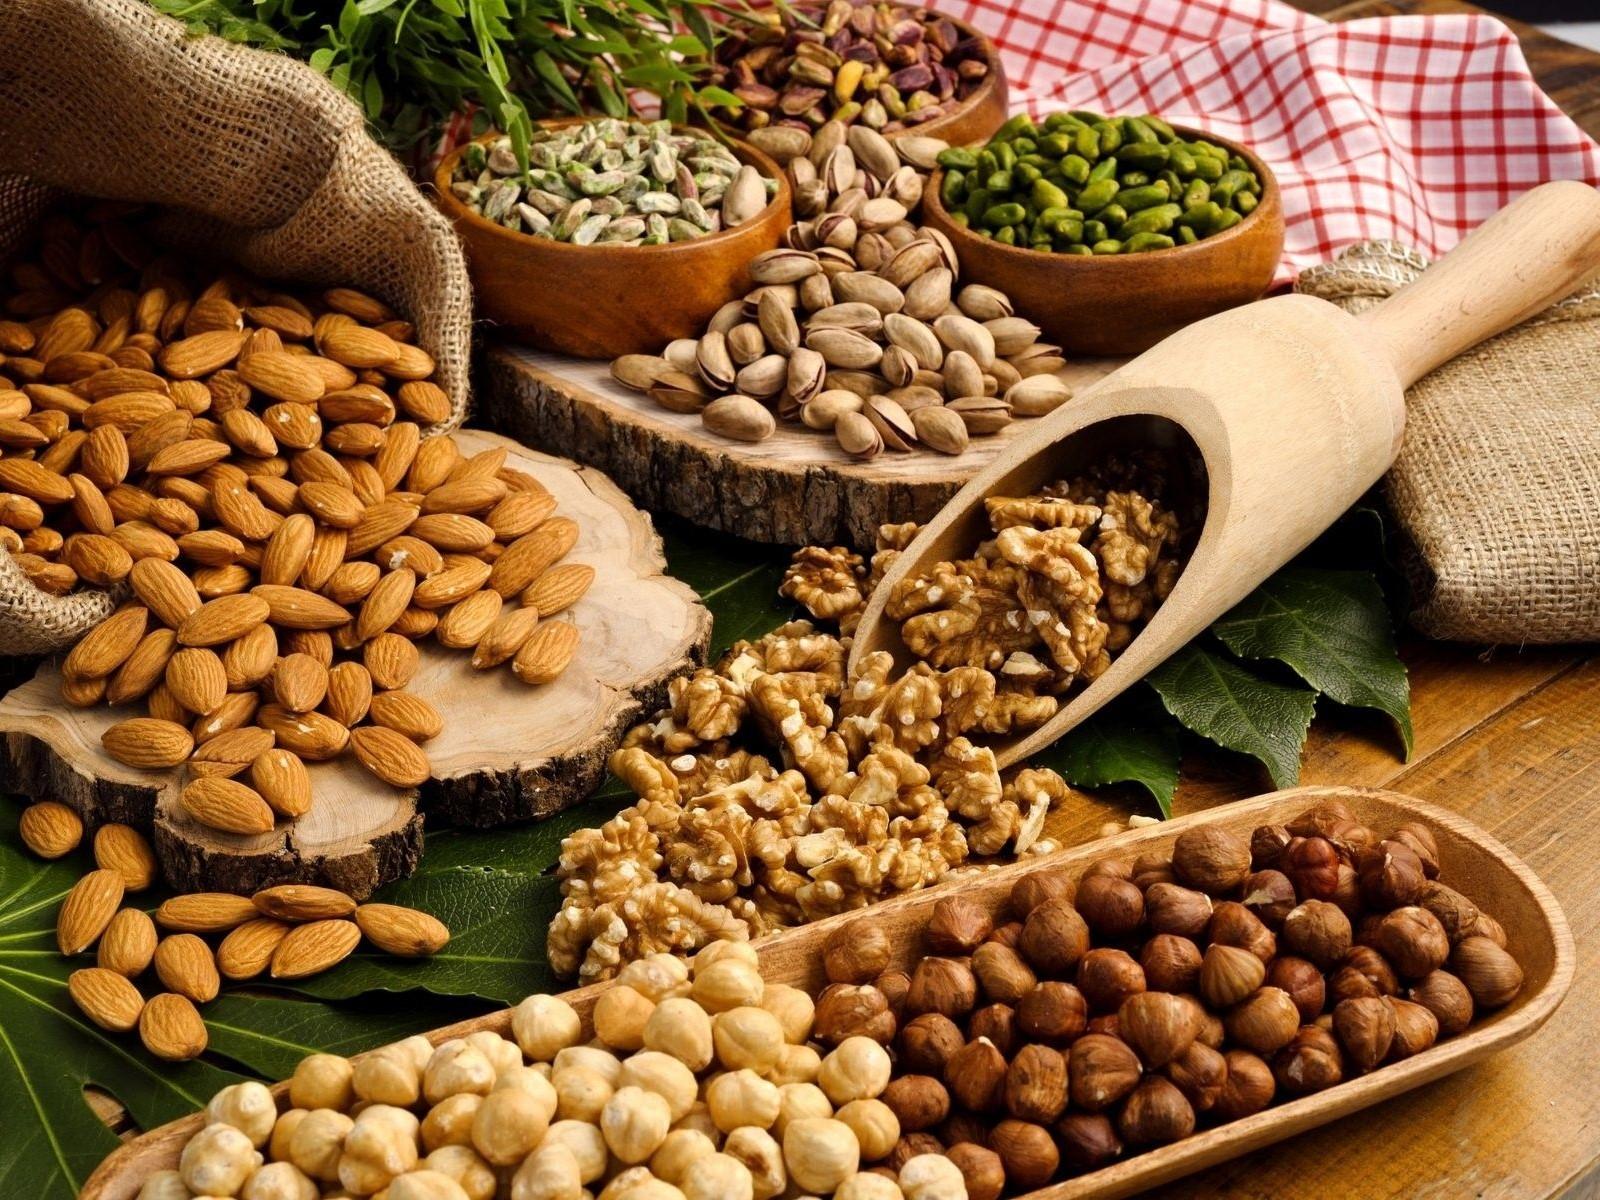 Tổng hợp các loại hạt dinh dưỡng tốt cho sức khỏe - Công dụng của các loại hạt đối với sức khỏe và sắc đẹp